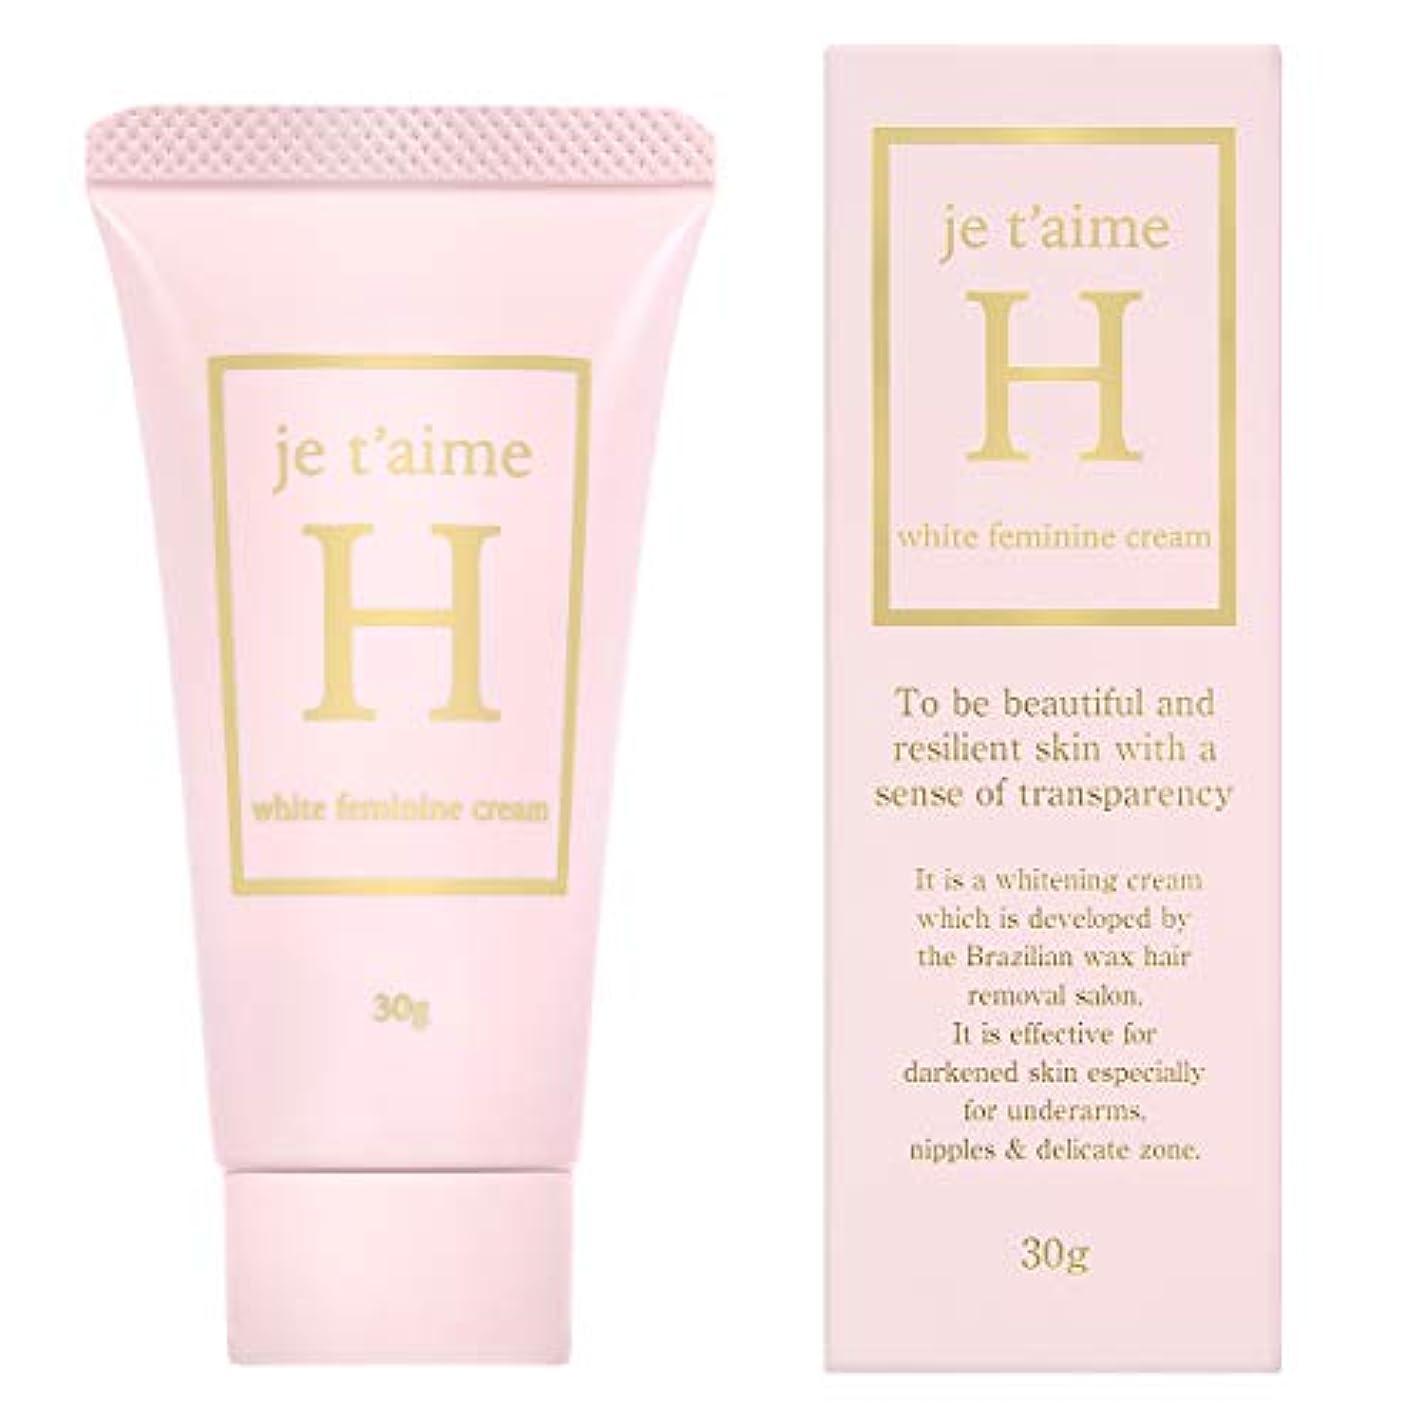 着飾る瞬時にからLAYERED FRAGRANCE(レイヤードフレグランス) ジュテームH ホワイトフェミニンクリーム 30g je t'aime H white feminine creame 30g ボディクリーム